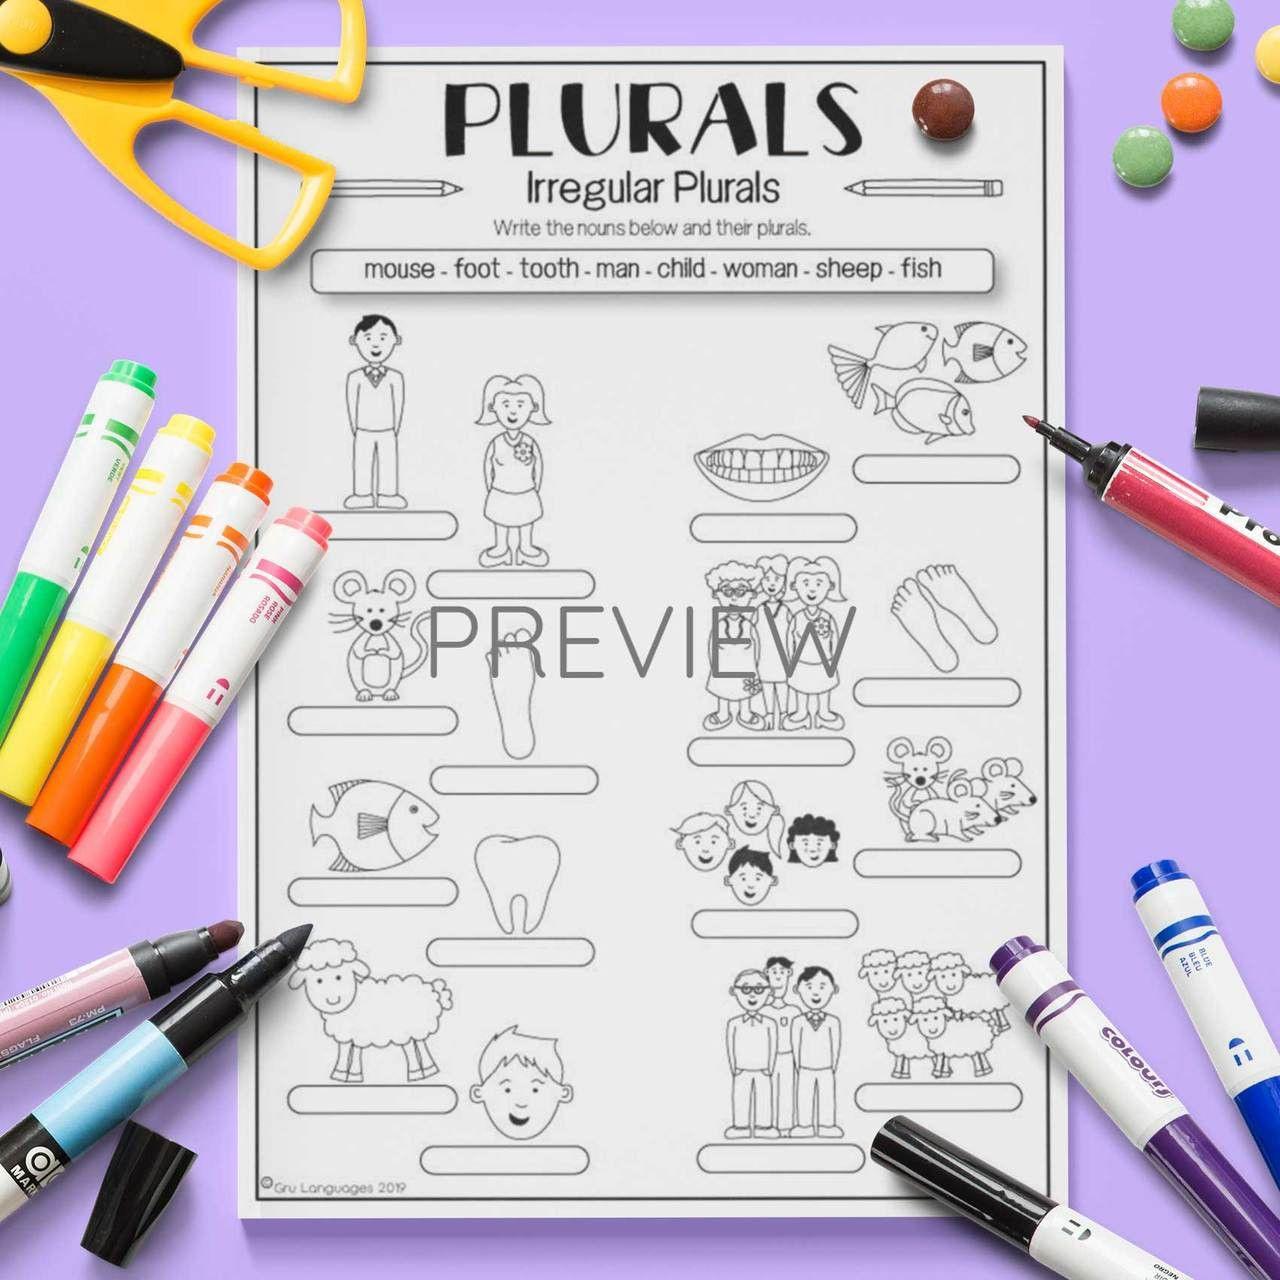 5 Irregular Plural Nouns Worksheet In